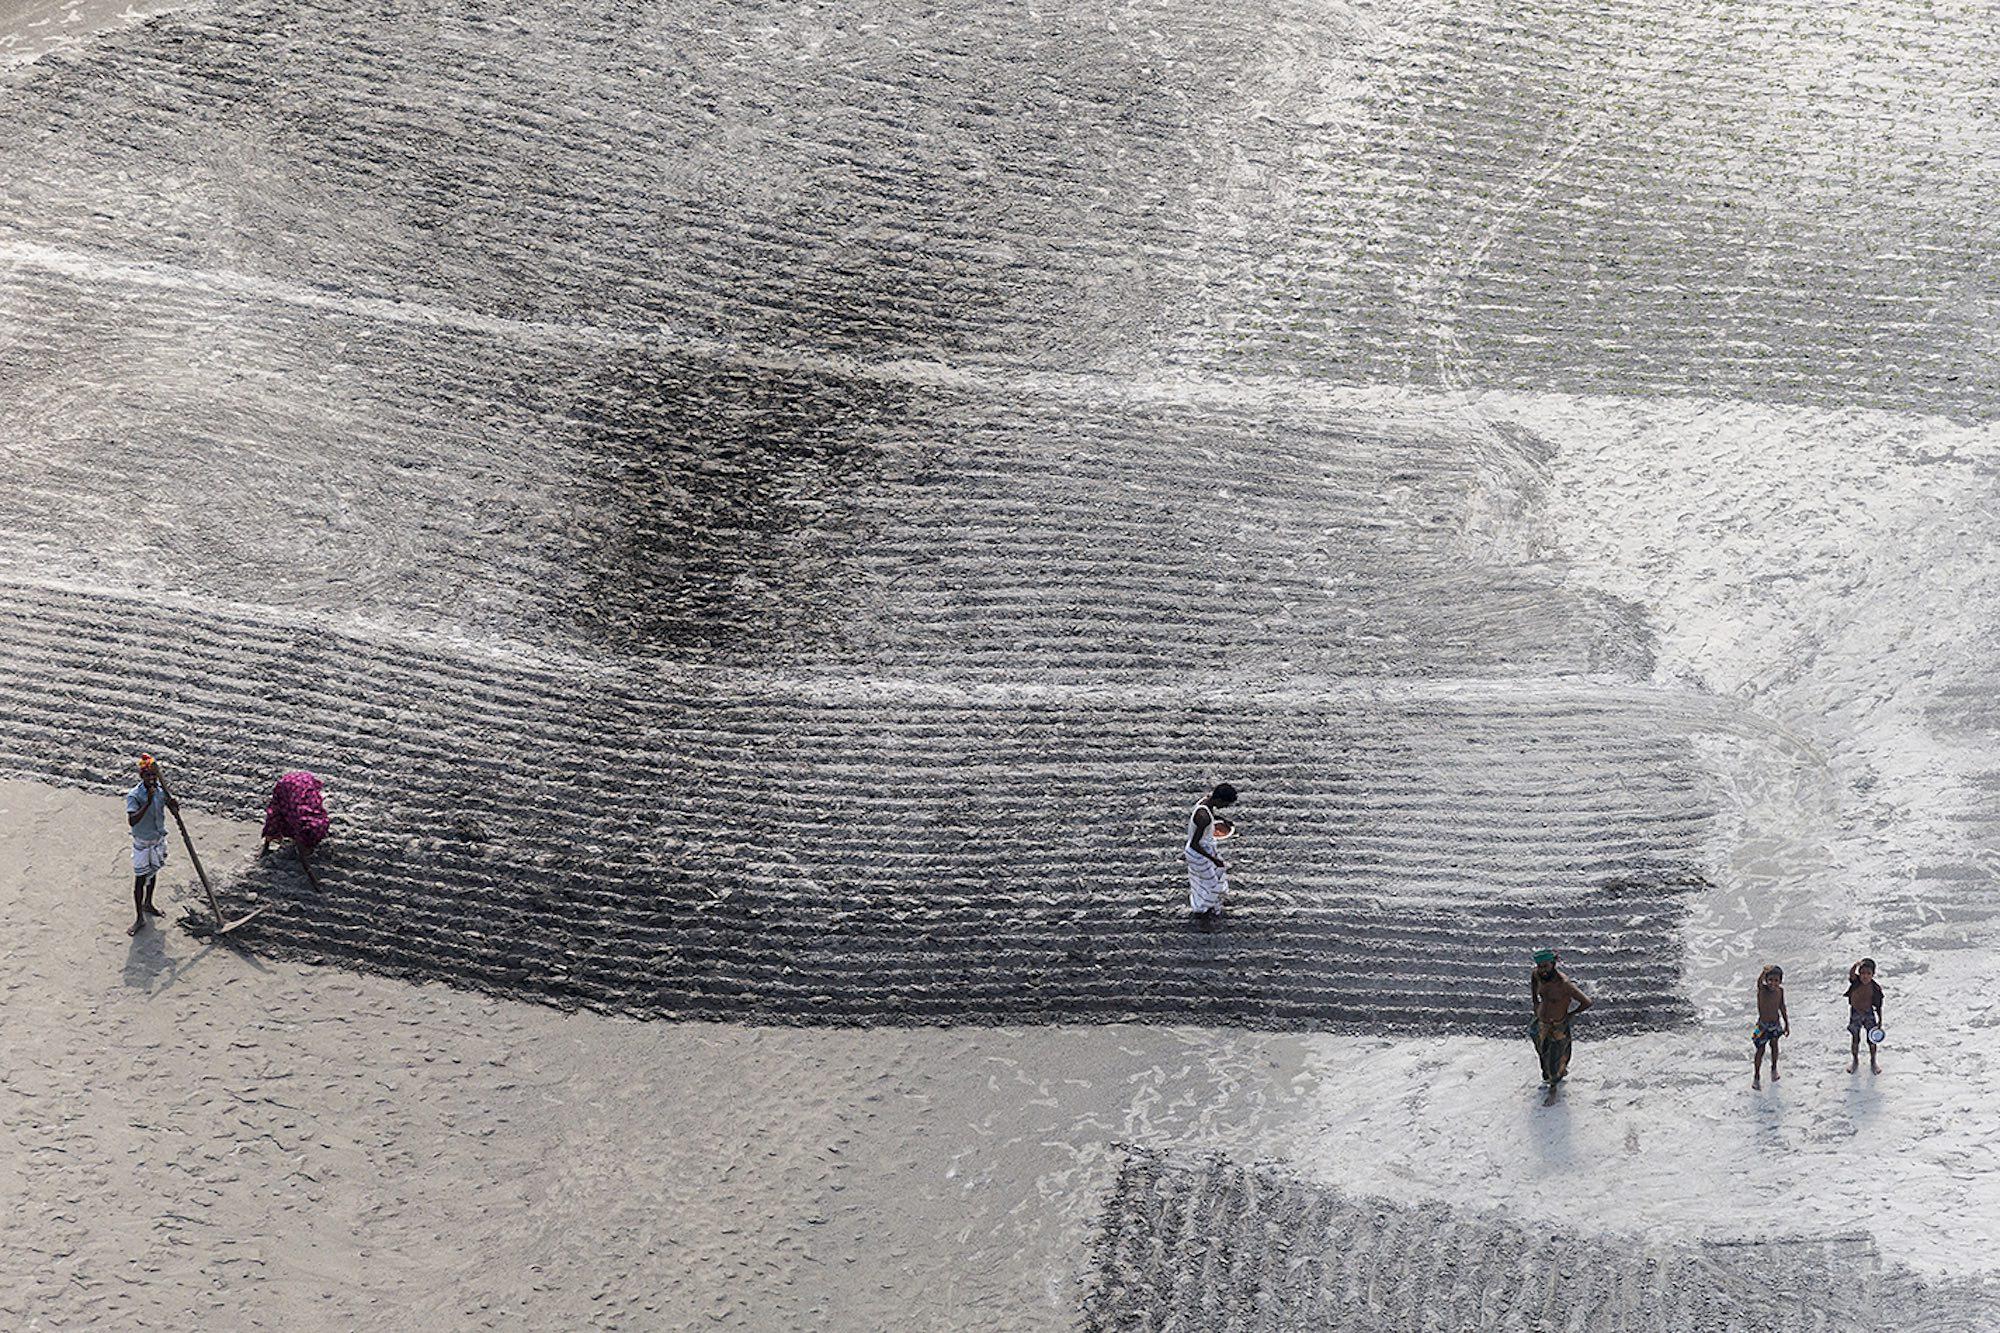 Rice farmers - Yann Arthus-Bertrand